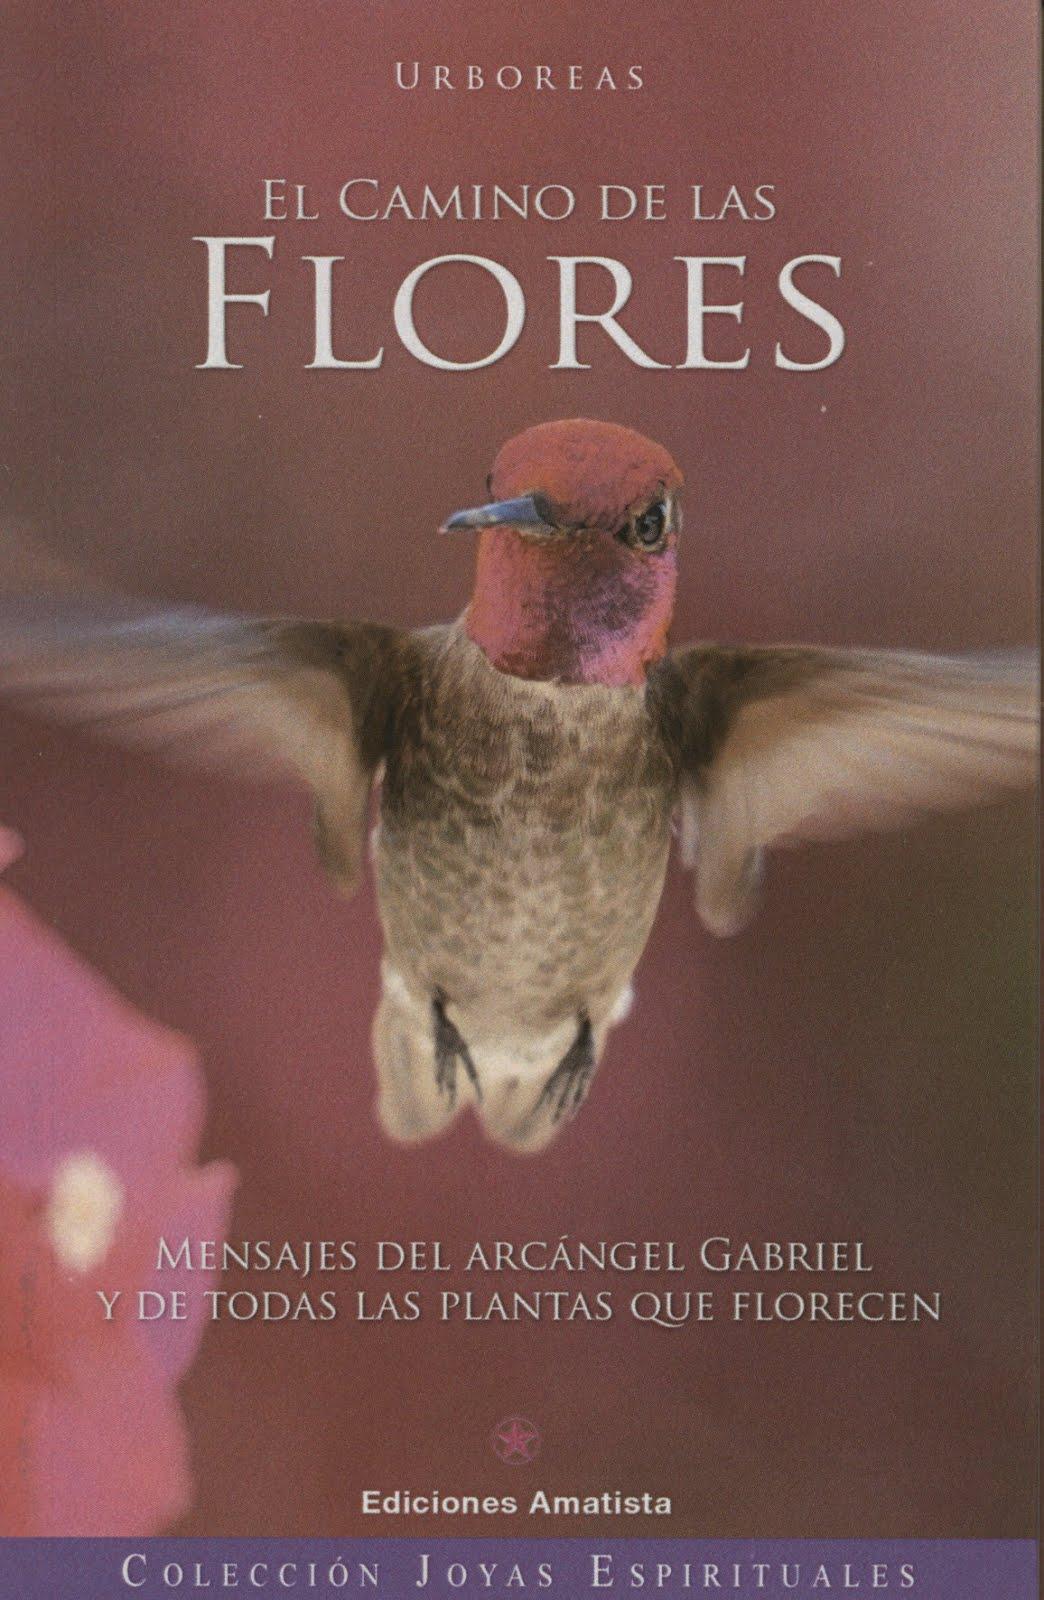 Del ángel Gabriel y las plantas que florecen: